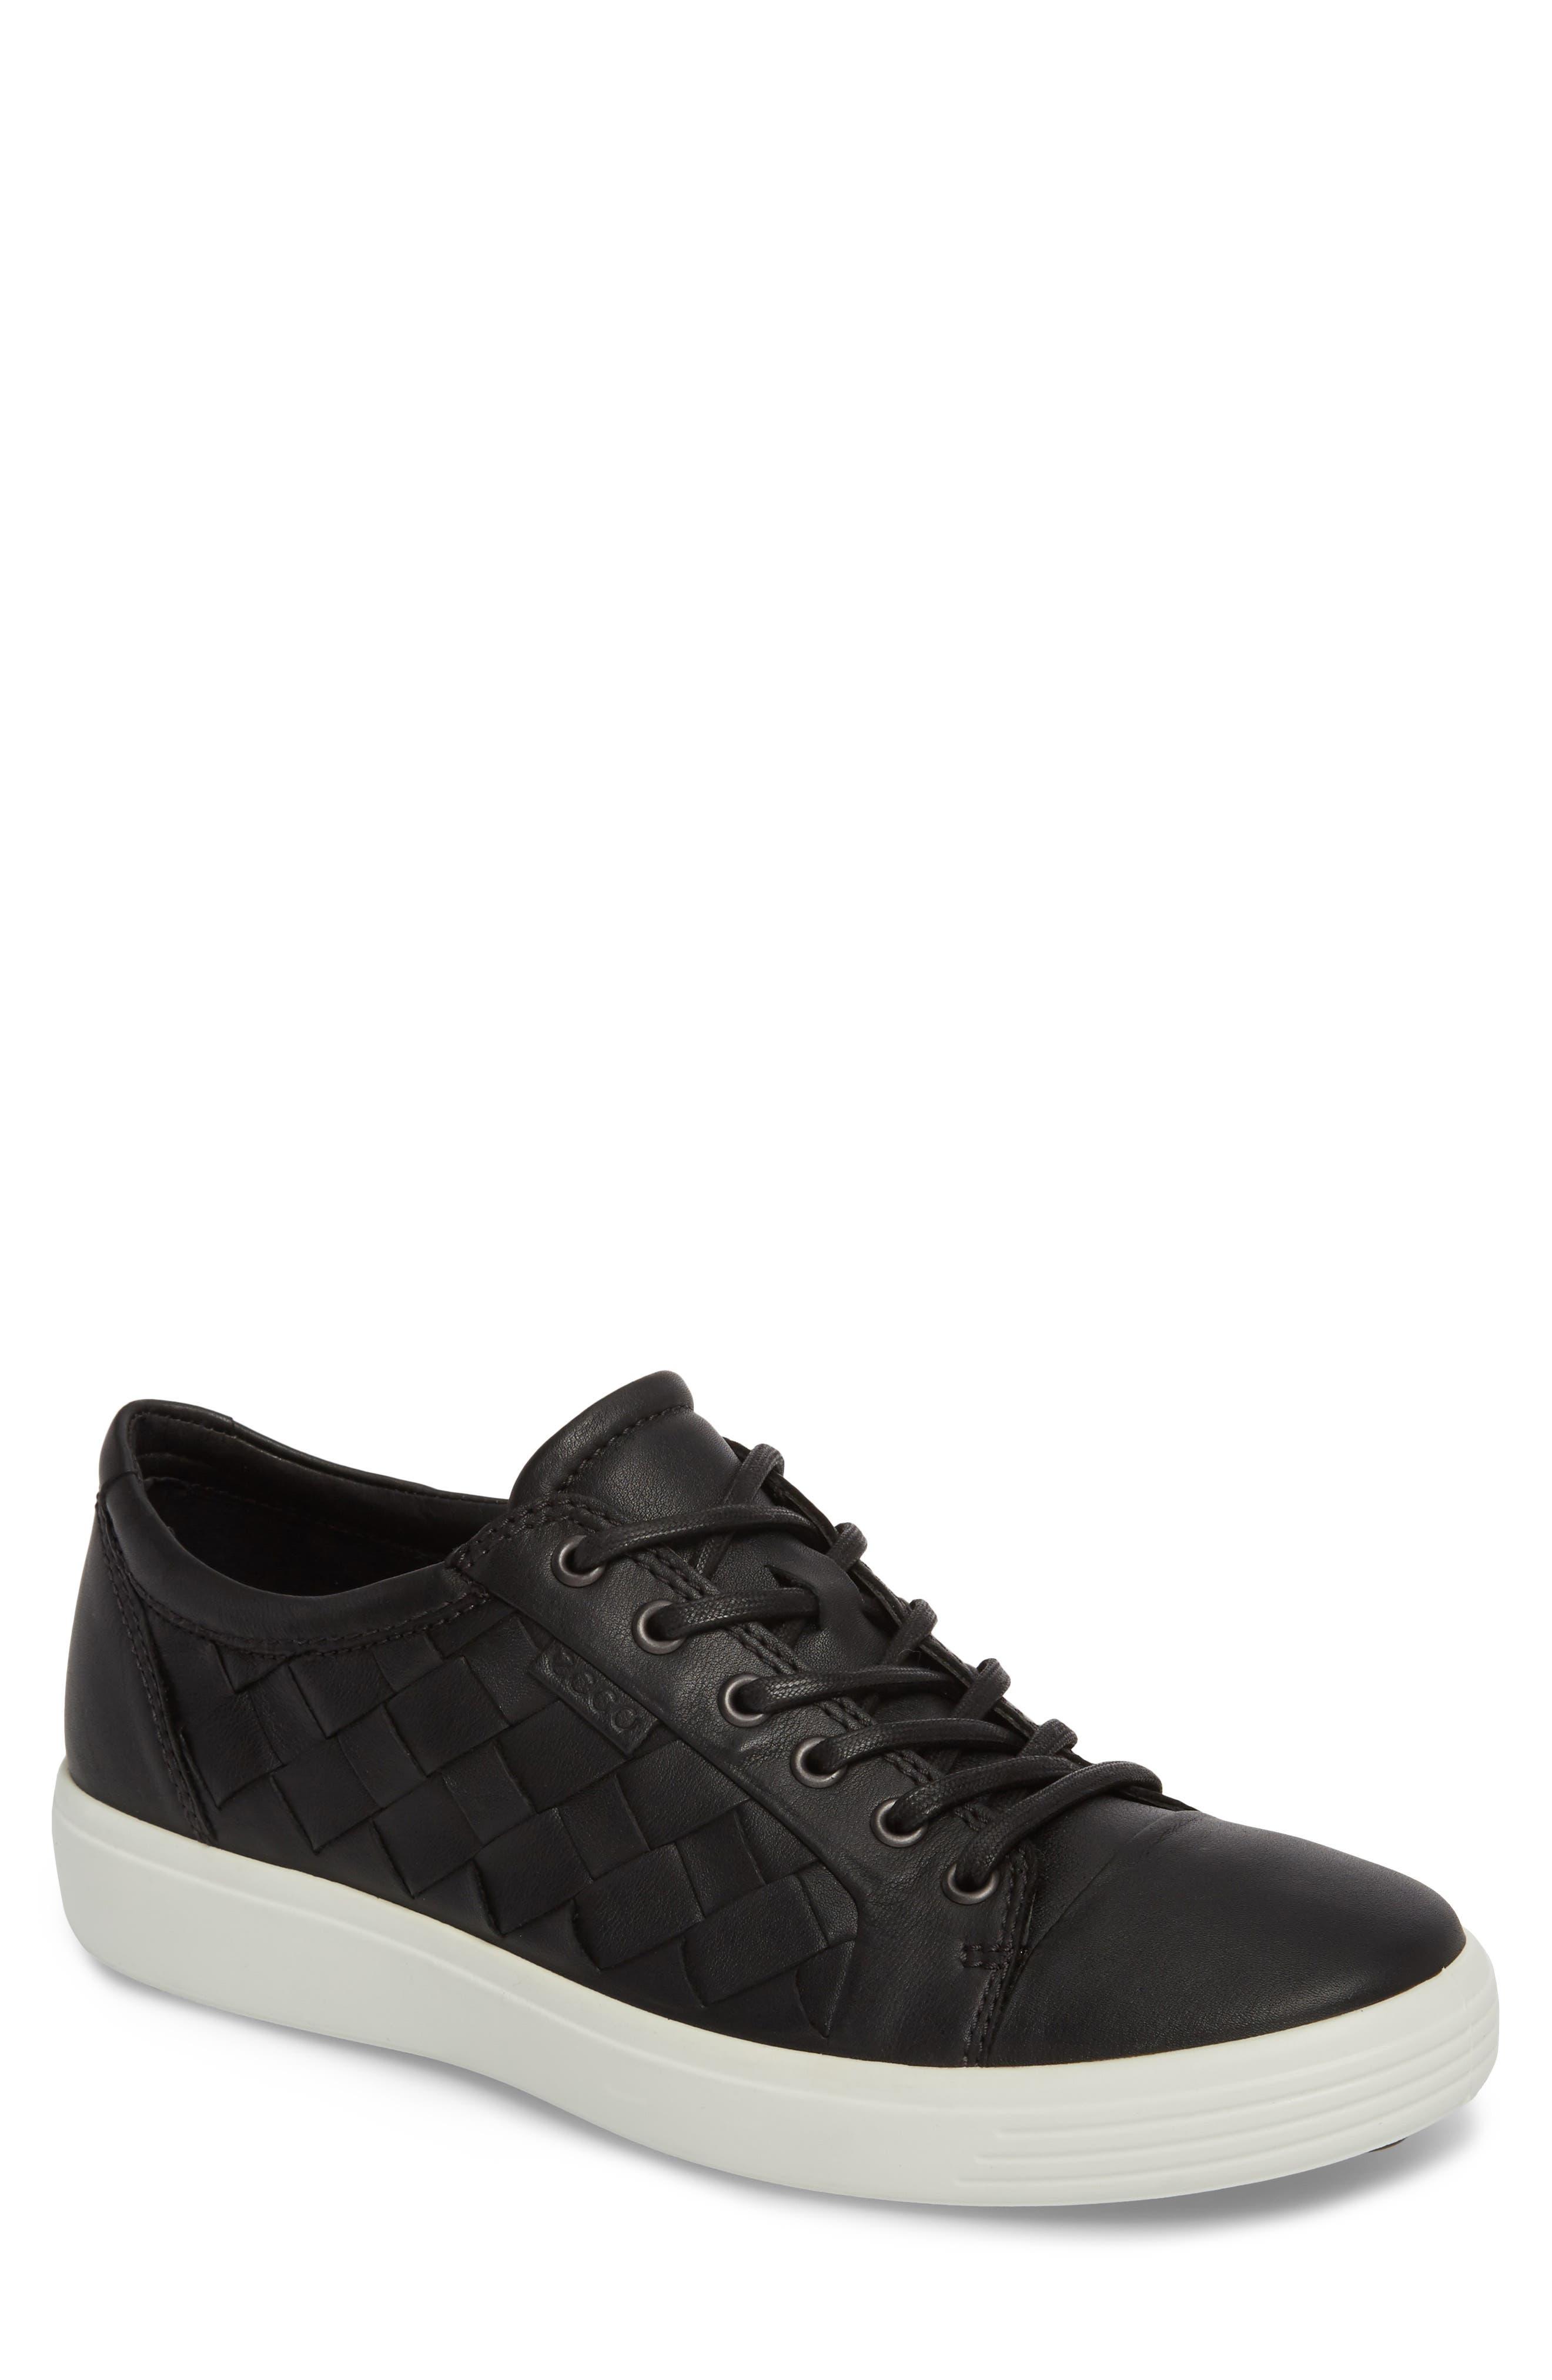 Ecco Soft 7 Woven Sneaker - Black